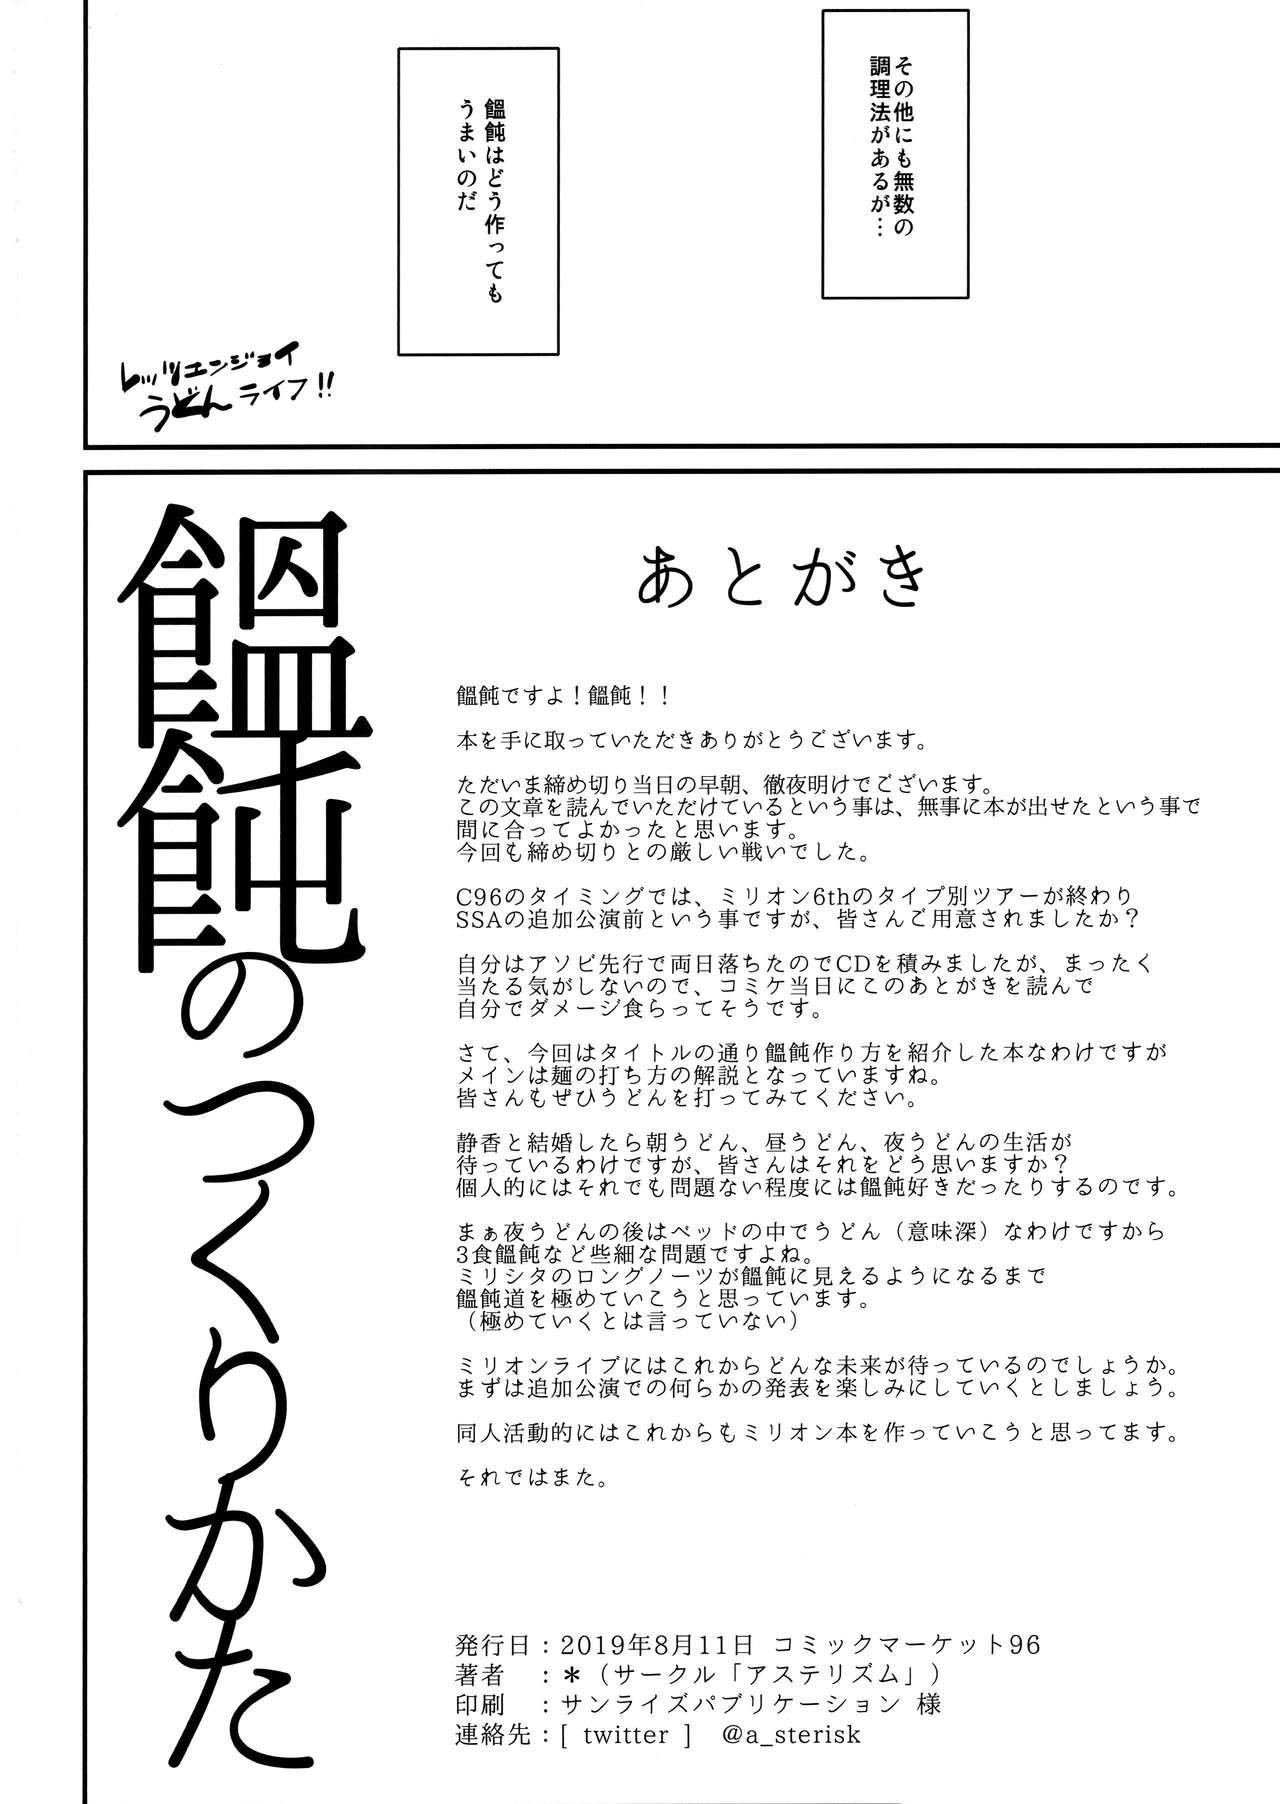 Udon no tsukurikata 20